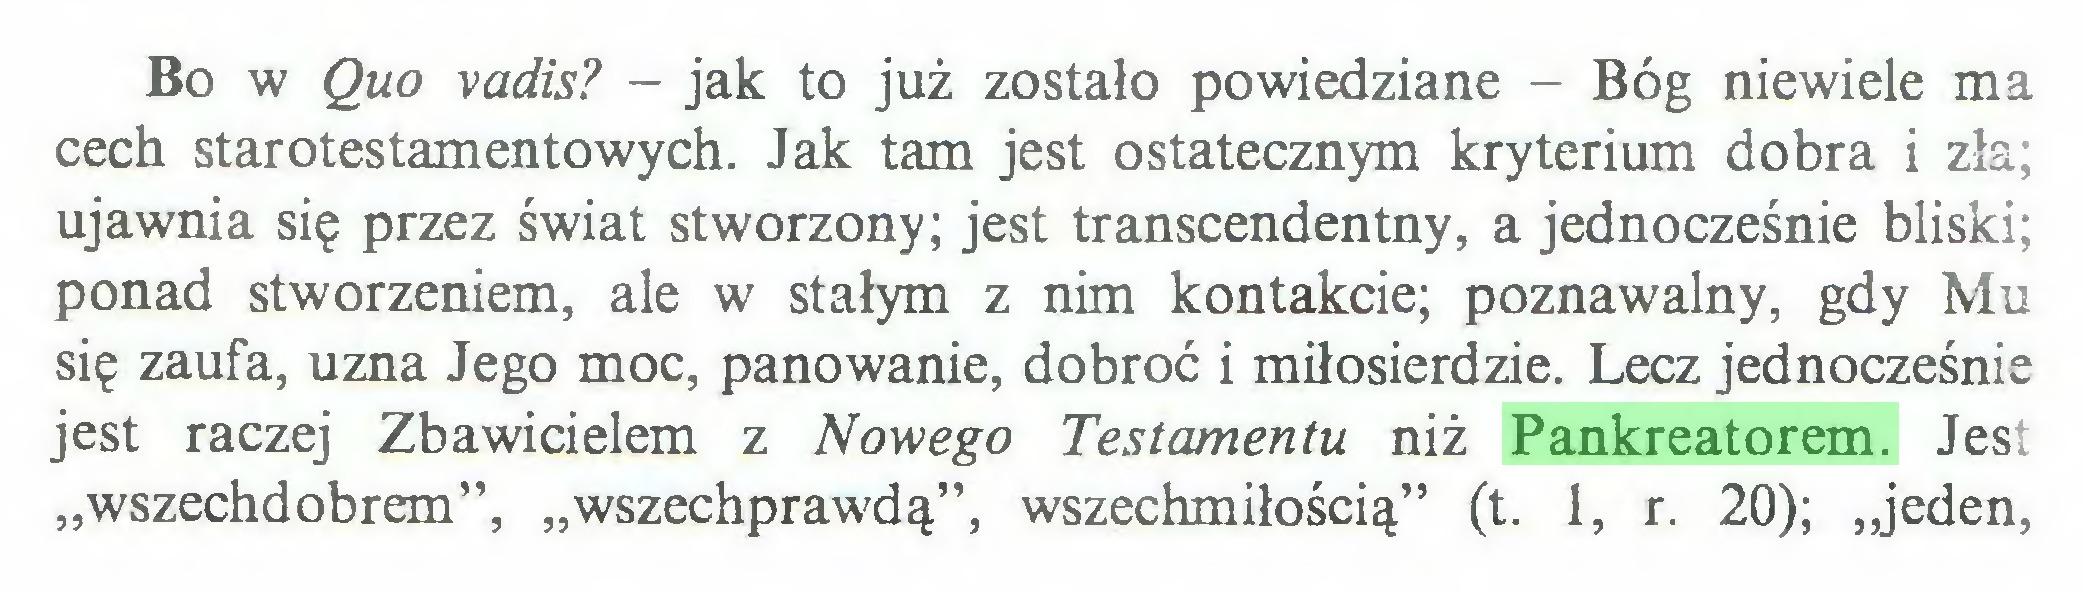 """(...) Bo w Quo vadis? - jak to już zostało powiedziane - Bóg niewiele ma cech starotestamentowych. Jak tam jest ostatecznym kryterium dobra i zła; ujawnia się przez świat stworzony; jest transcendentny, a jednocześnie bliski; ponad stworzeniem, ale w stałym z nim kontakcie; poznawalny, gdy Mu się zaufa, uzna Jego moc, panowanie, dobroć i miłosierdzie. Lecz jednocześnie jest raczej Zbawicielem z Nowego Testamentu niż Pankreatorem. Jest """"wszechdobrem"""", """"wszechprawdą"""", wszechmiłością"""" (t. 1, r. 20); """"jeden,..."""